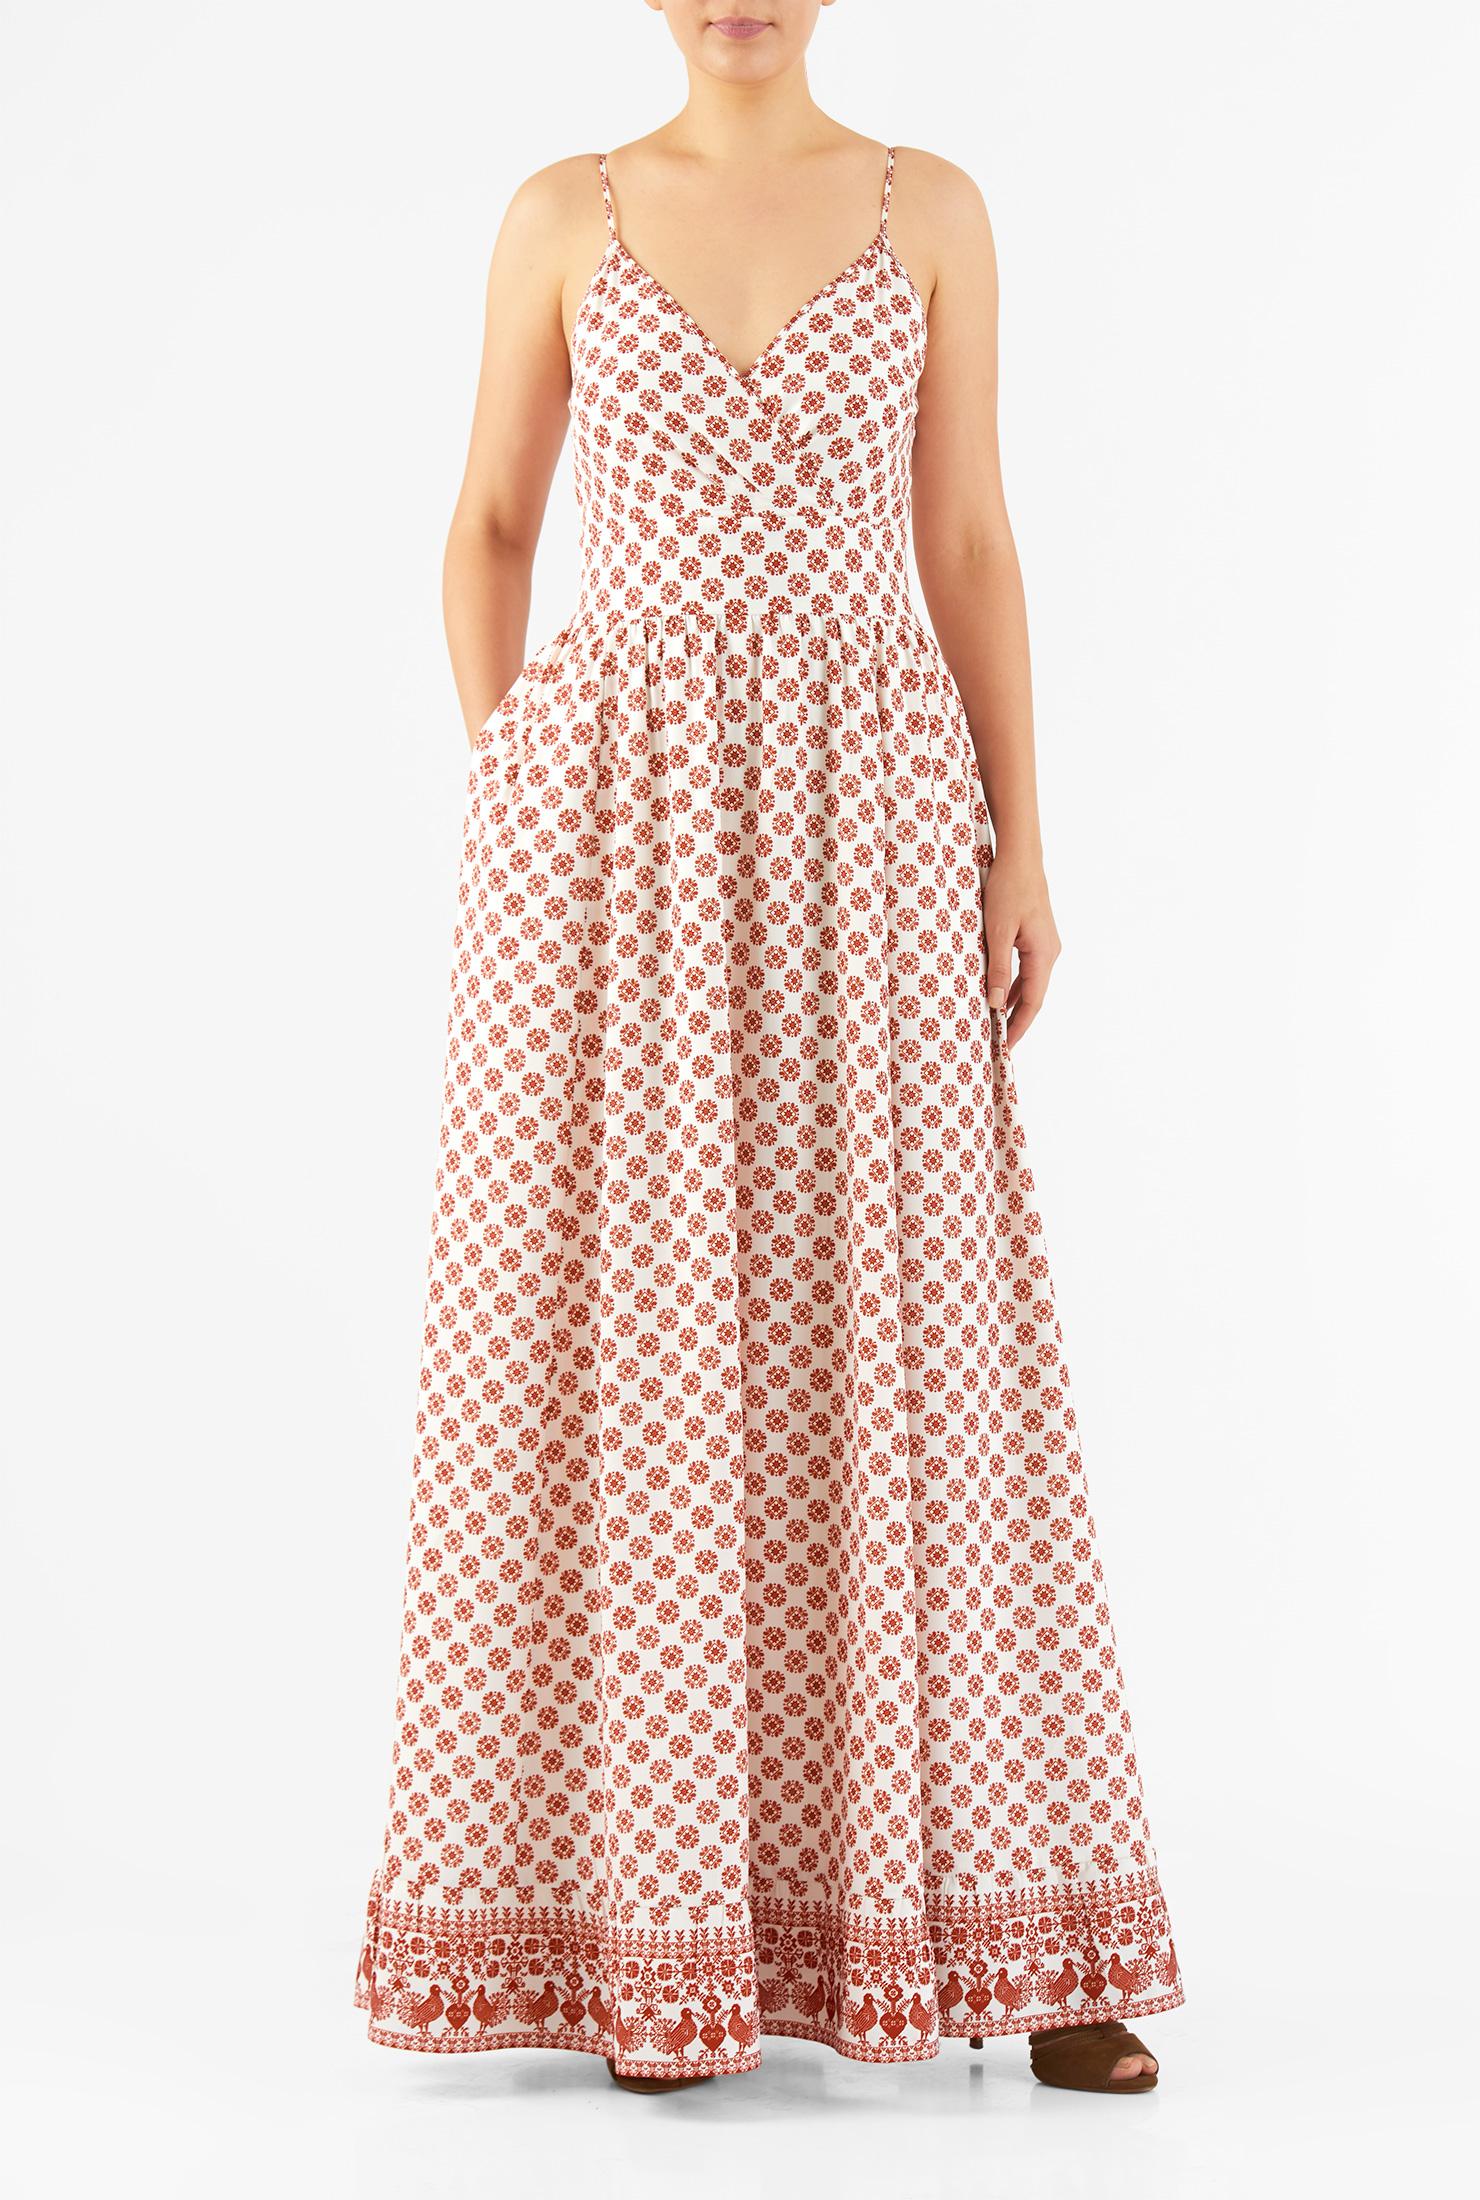 Eshakti Womens Tile Print Surplice Crepe Maxi Dress